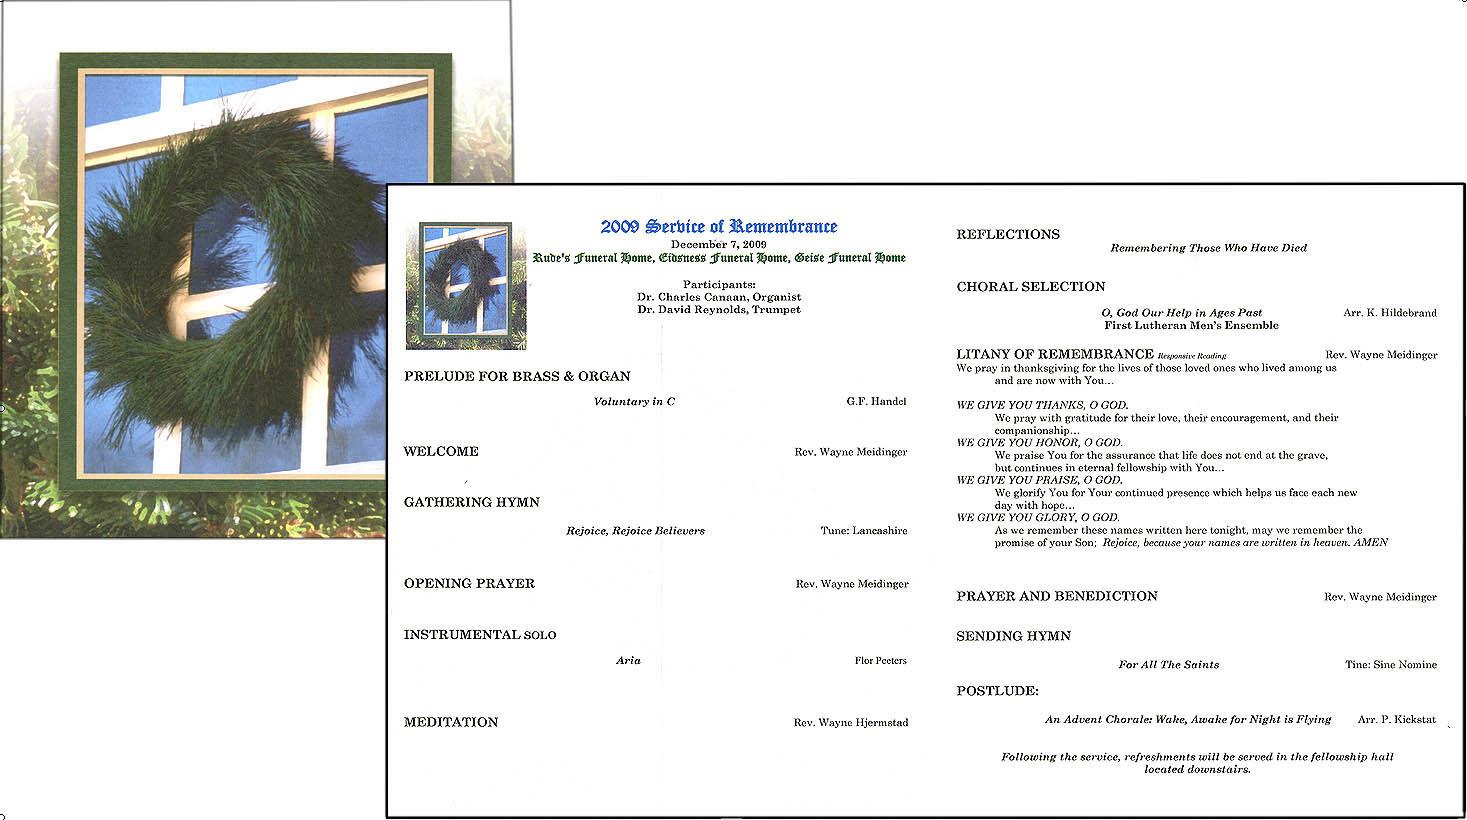 Memorial Service Programs – Memorial Service Invitation Sample